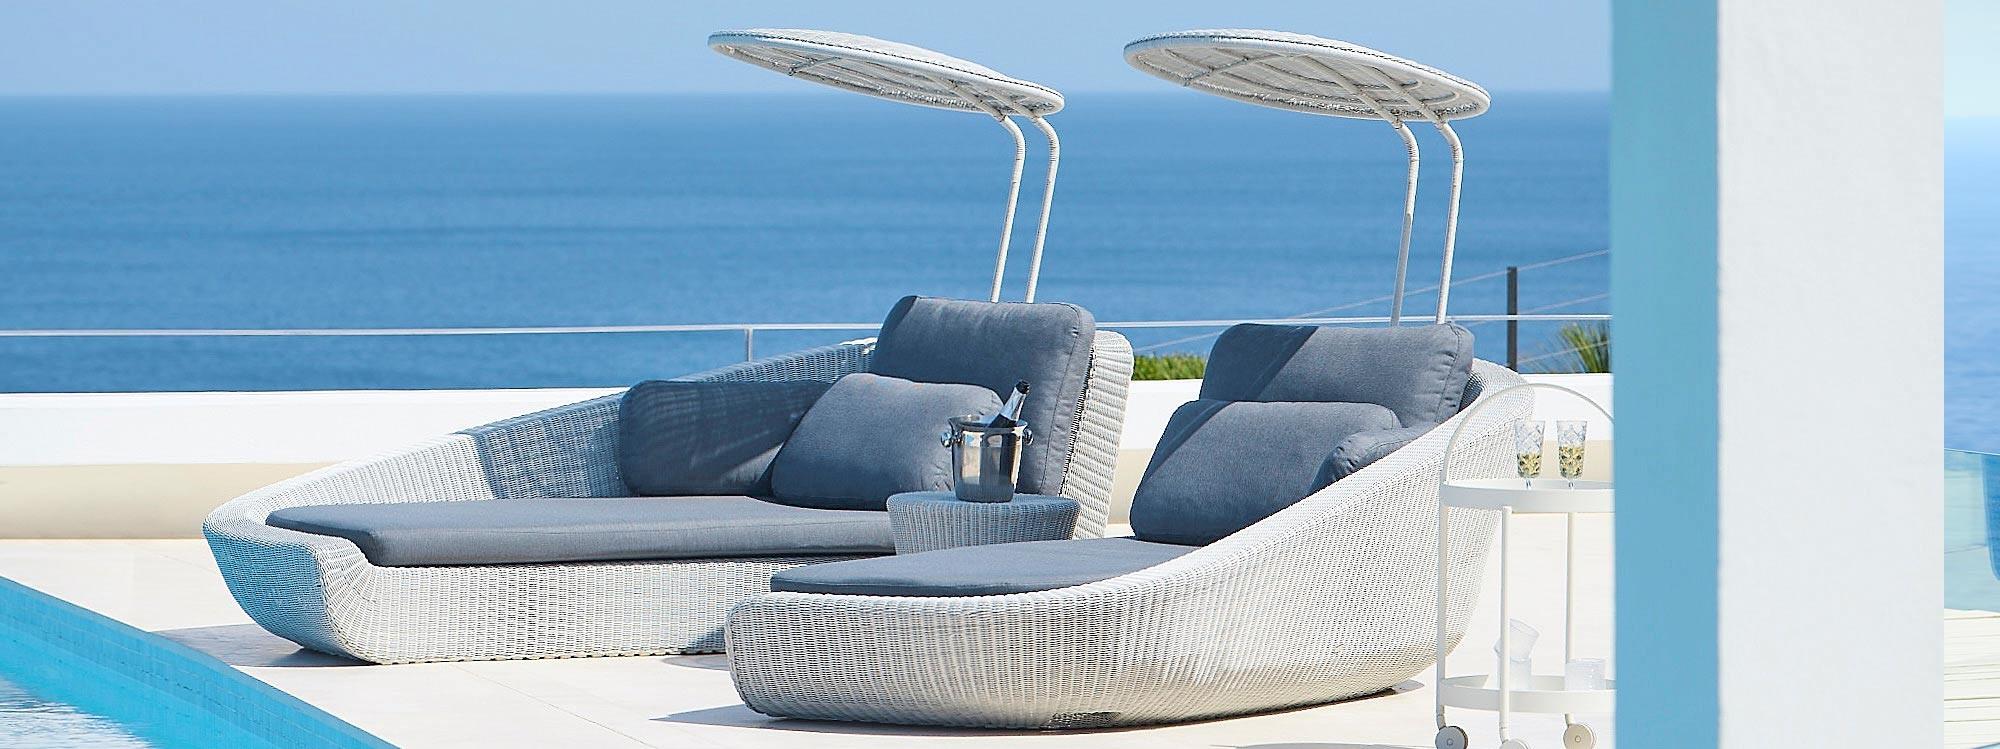 Aimez-vous avoir un bronzage en été? Cette chaise longue sera votre meilleur ami!